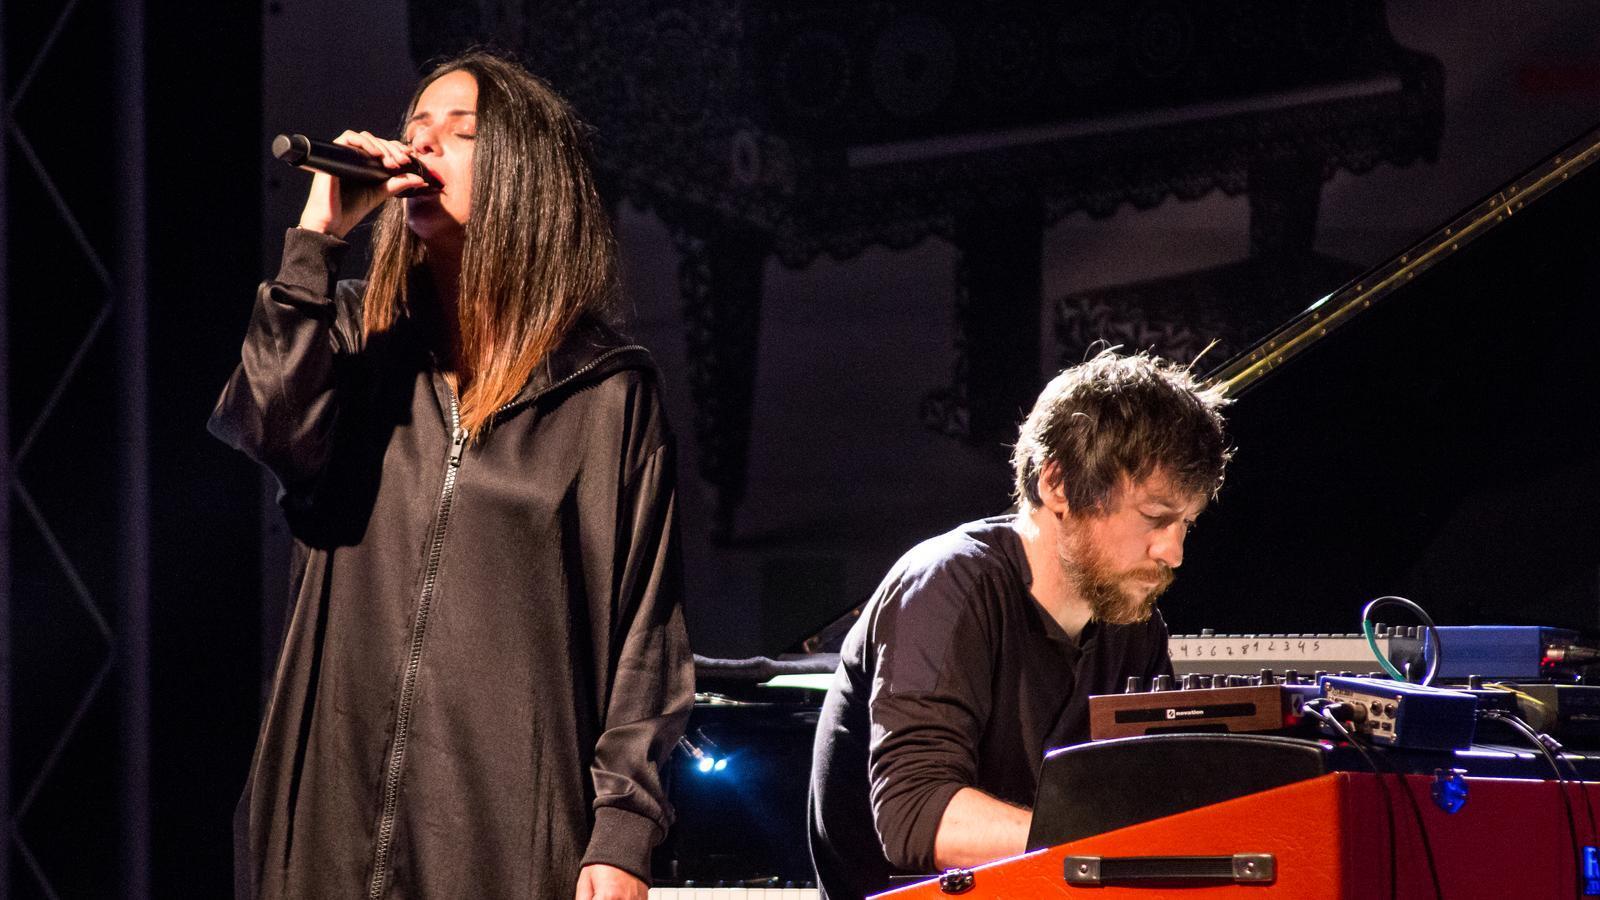 Lina i Refree actuen a L'Auditori de Barcelona